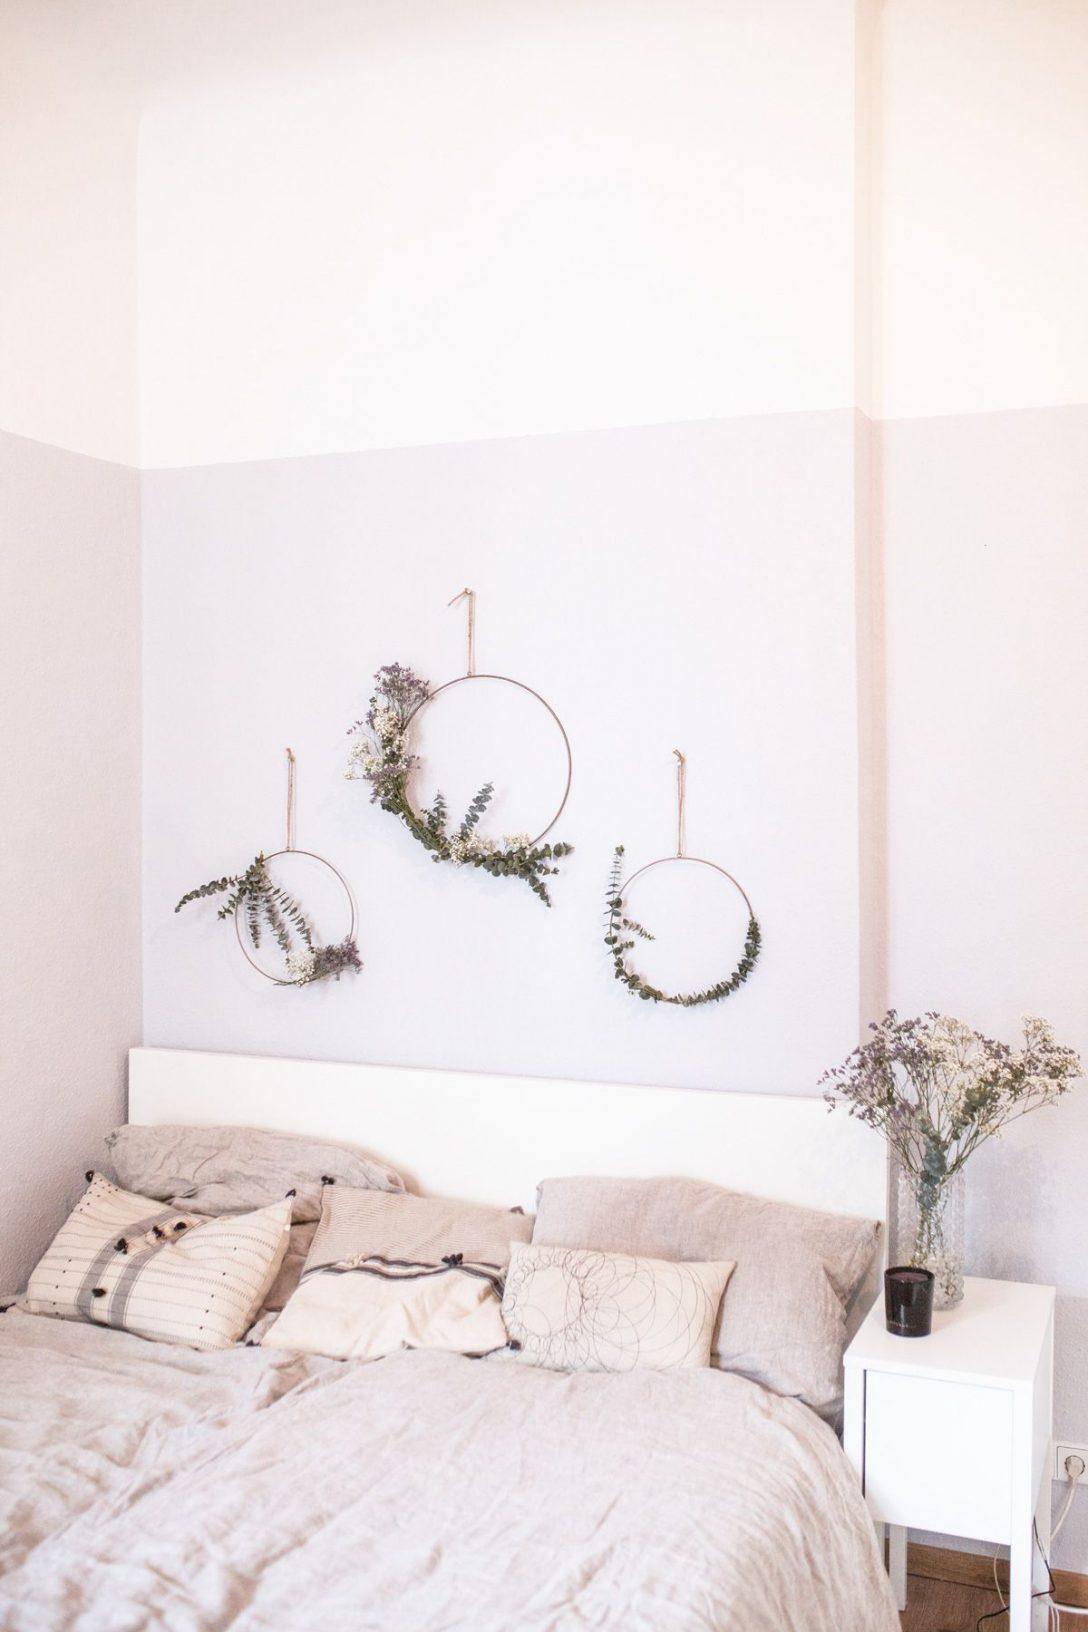 Large Size of Schlafzimmer Wanddeko Wanddekoration Bilder Ideen Ikea Holz Metall Selber Machen Amazon Diy Eukalyptus Kranz Dekoration Komplett Guenstig Kommode Günstig Wohnzimmer Schlafzimmer Wanddeko